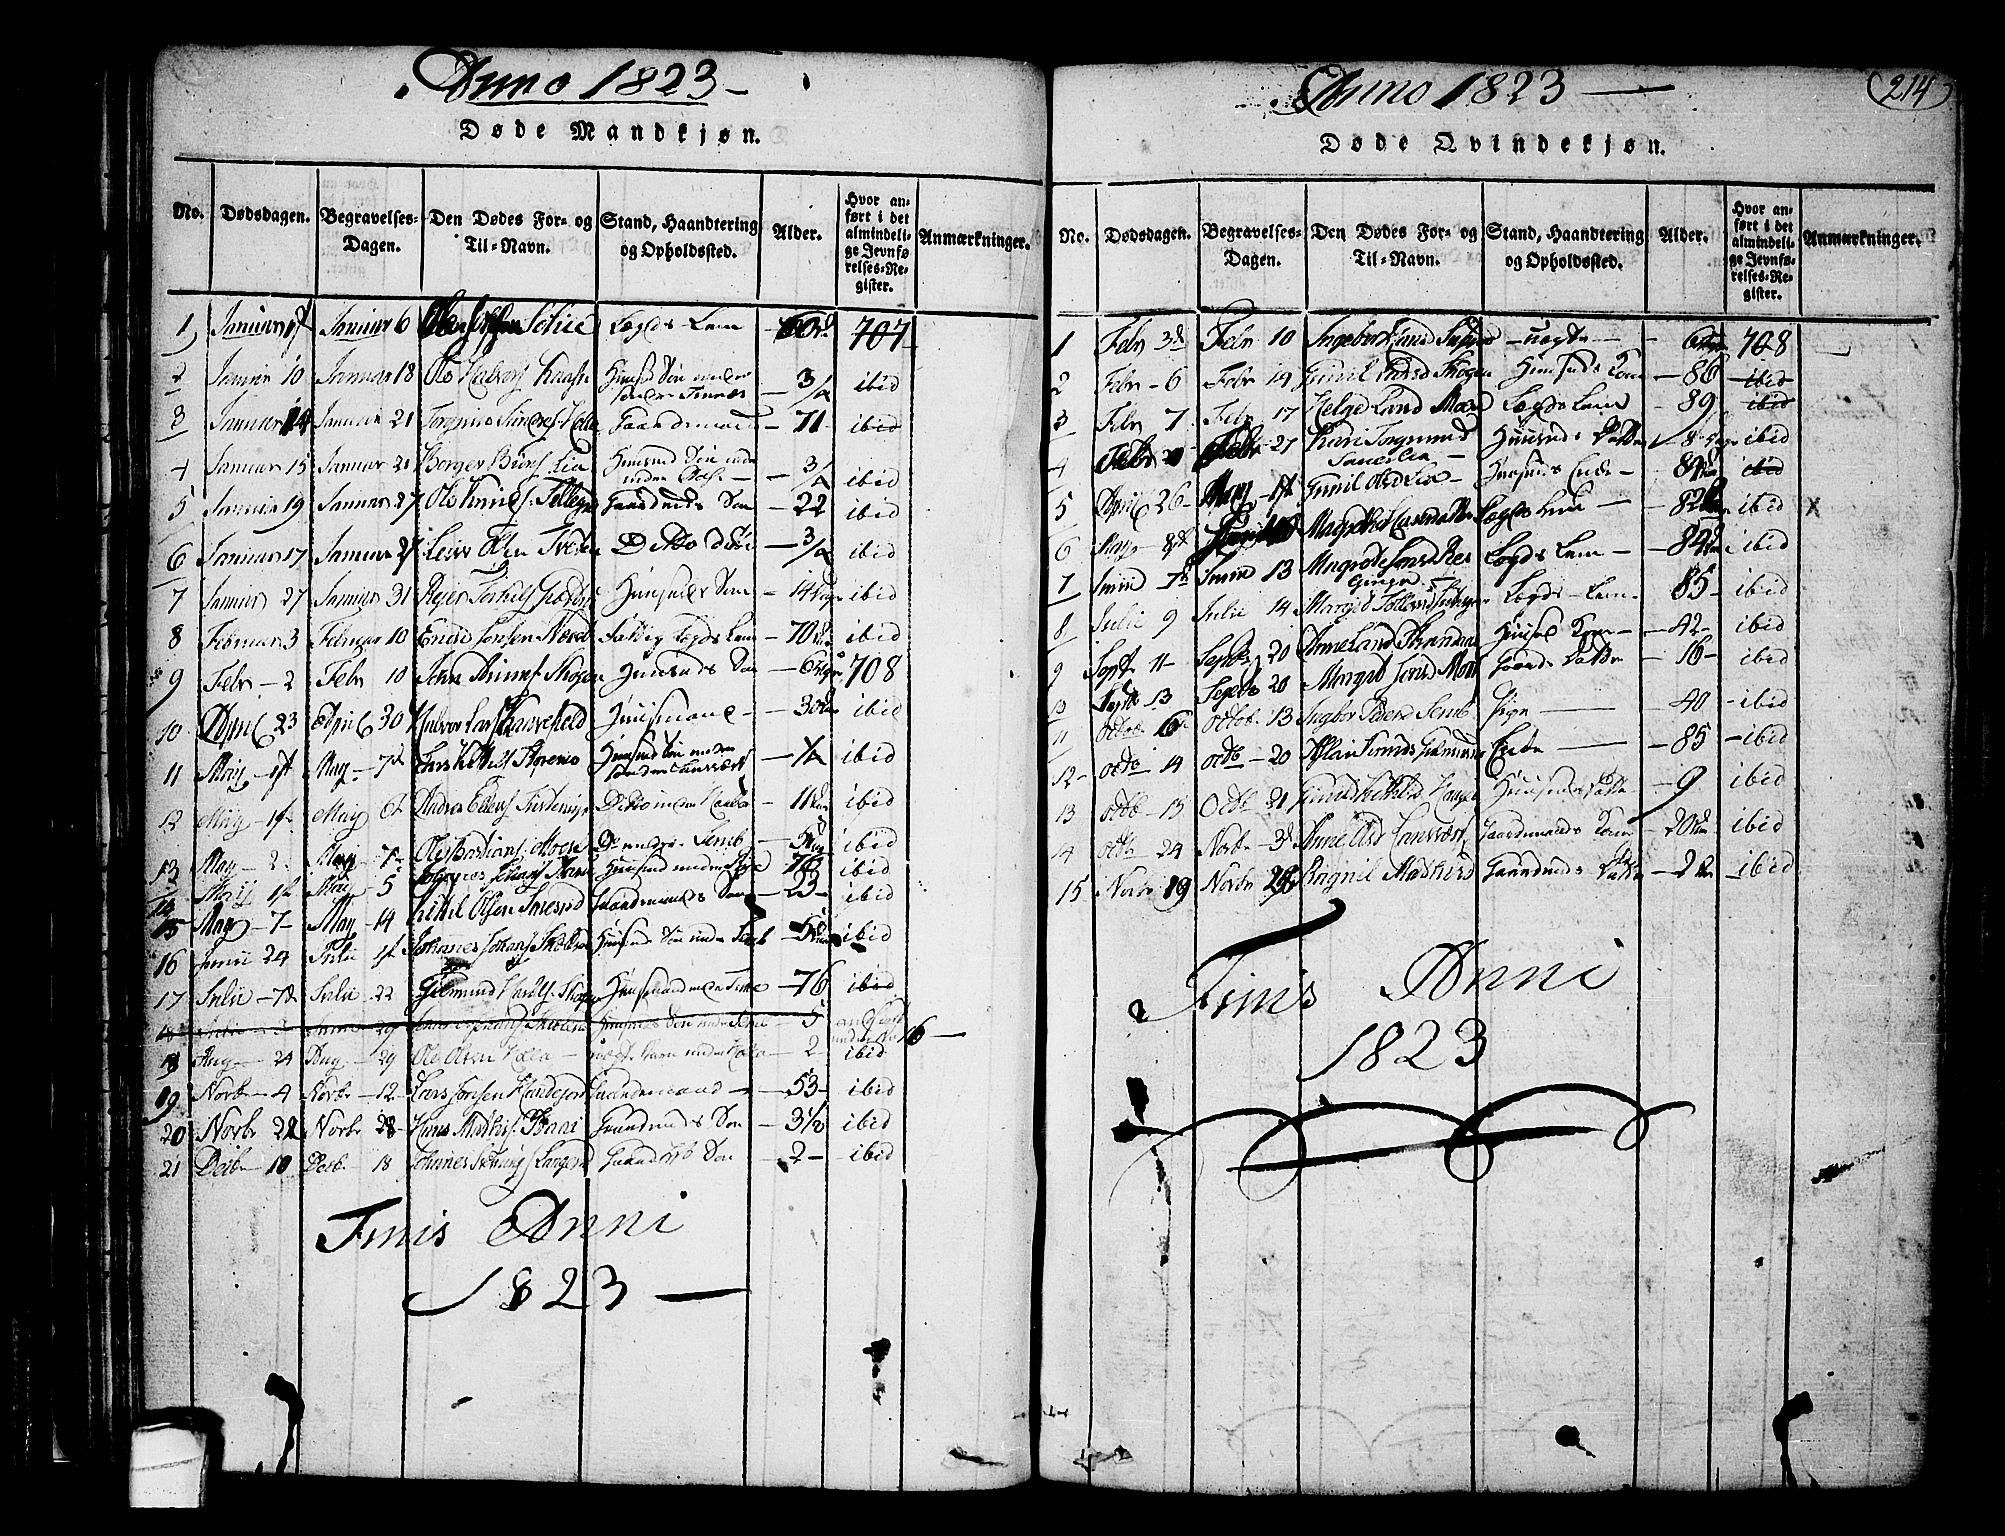 SAKO, Heddal kirkebøker, F/Fa/L0005: Ministerialbok nr. I 5, 1814-1837, s. 213-214